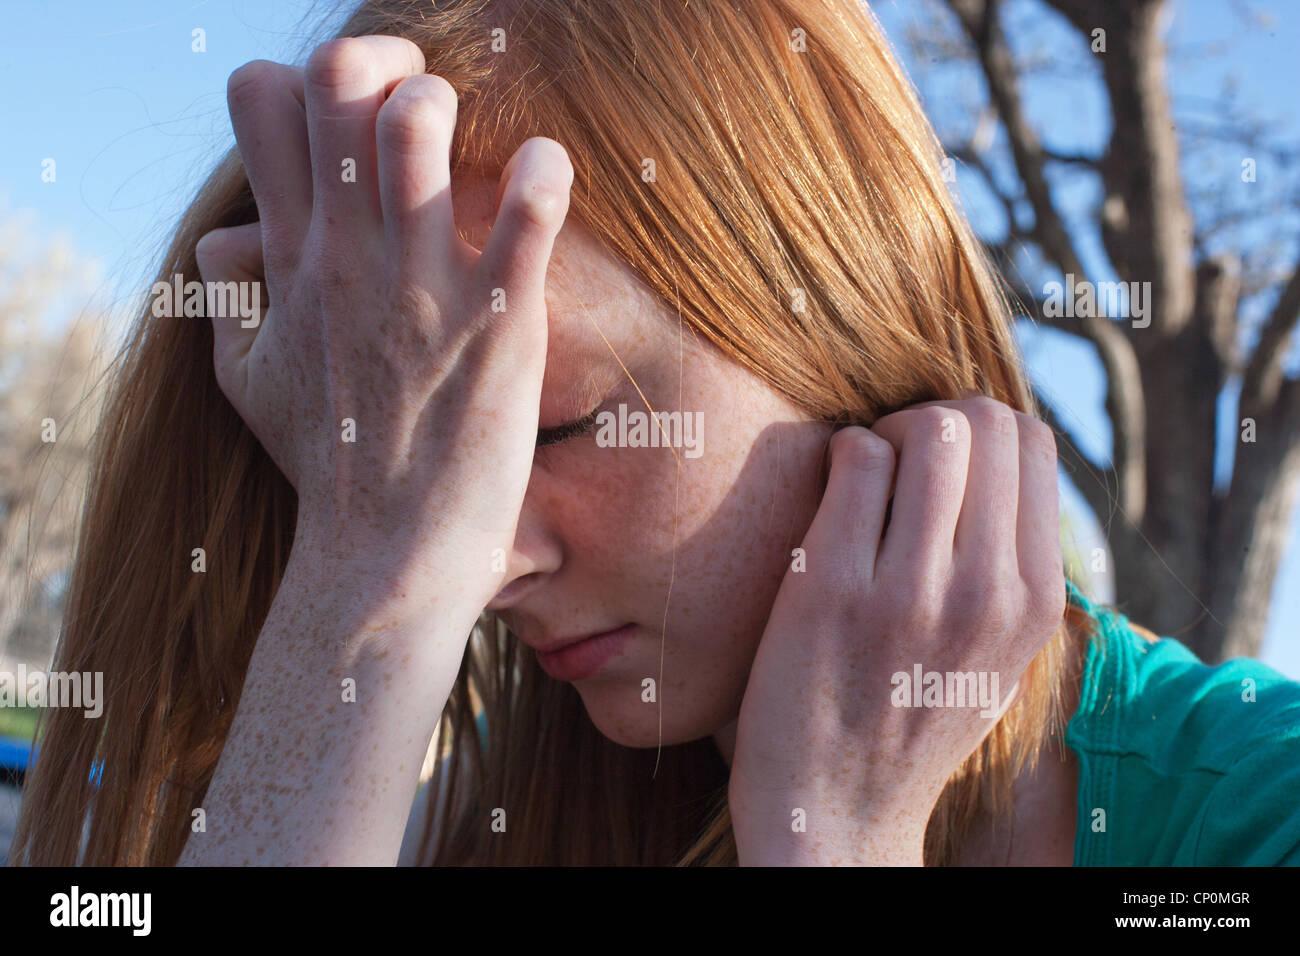 In der Nähe von einem 16 Jahre alten Mädchen erleben Angst und bedeckte ihr Gesicht mit den Händen im Freien. Stockfoto